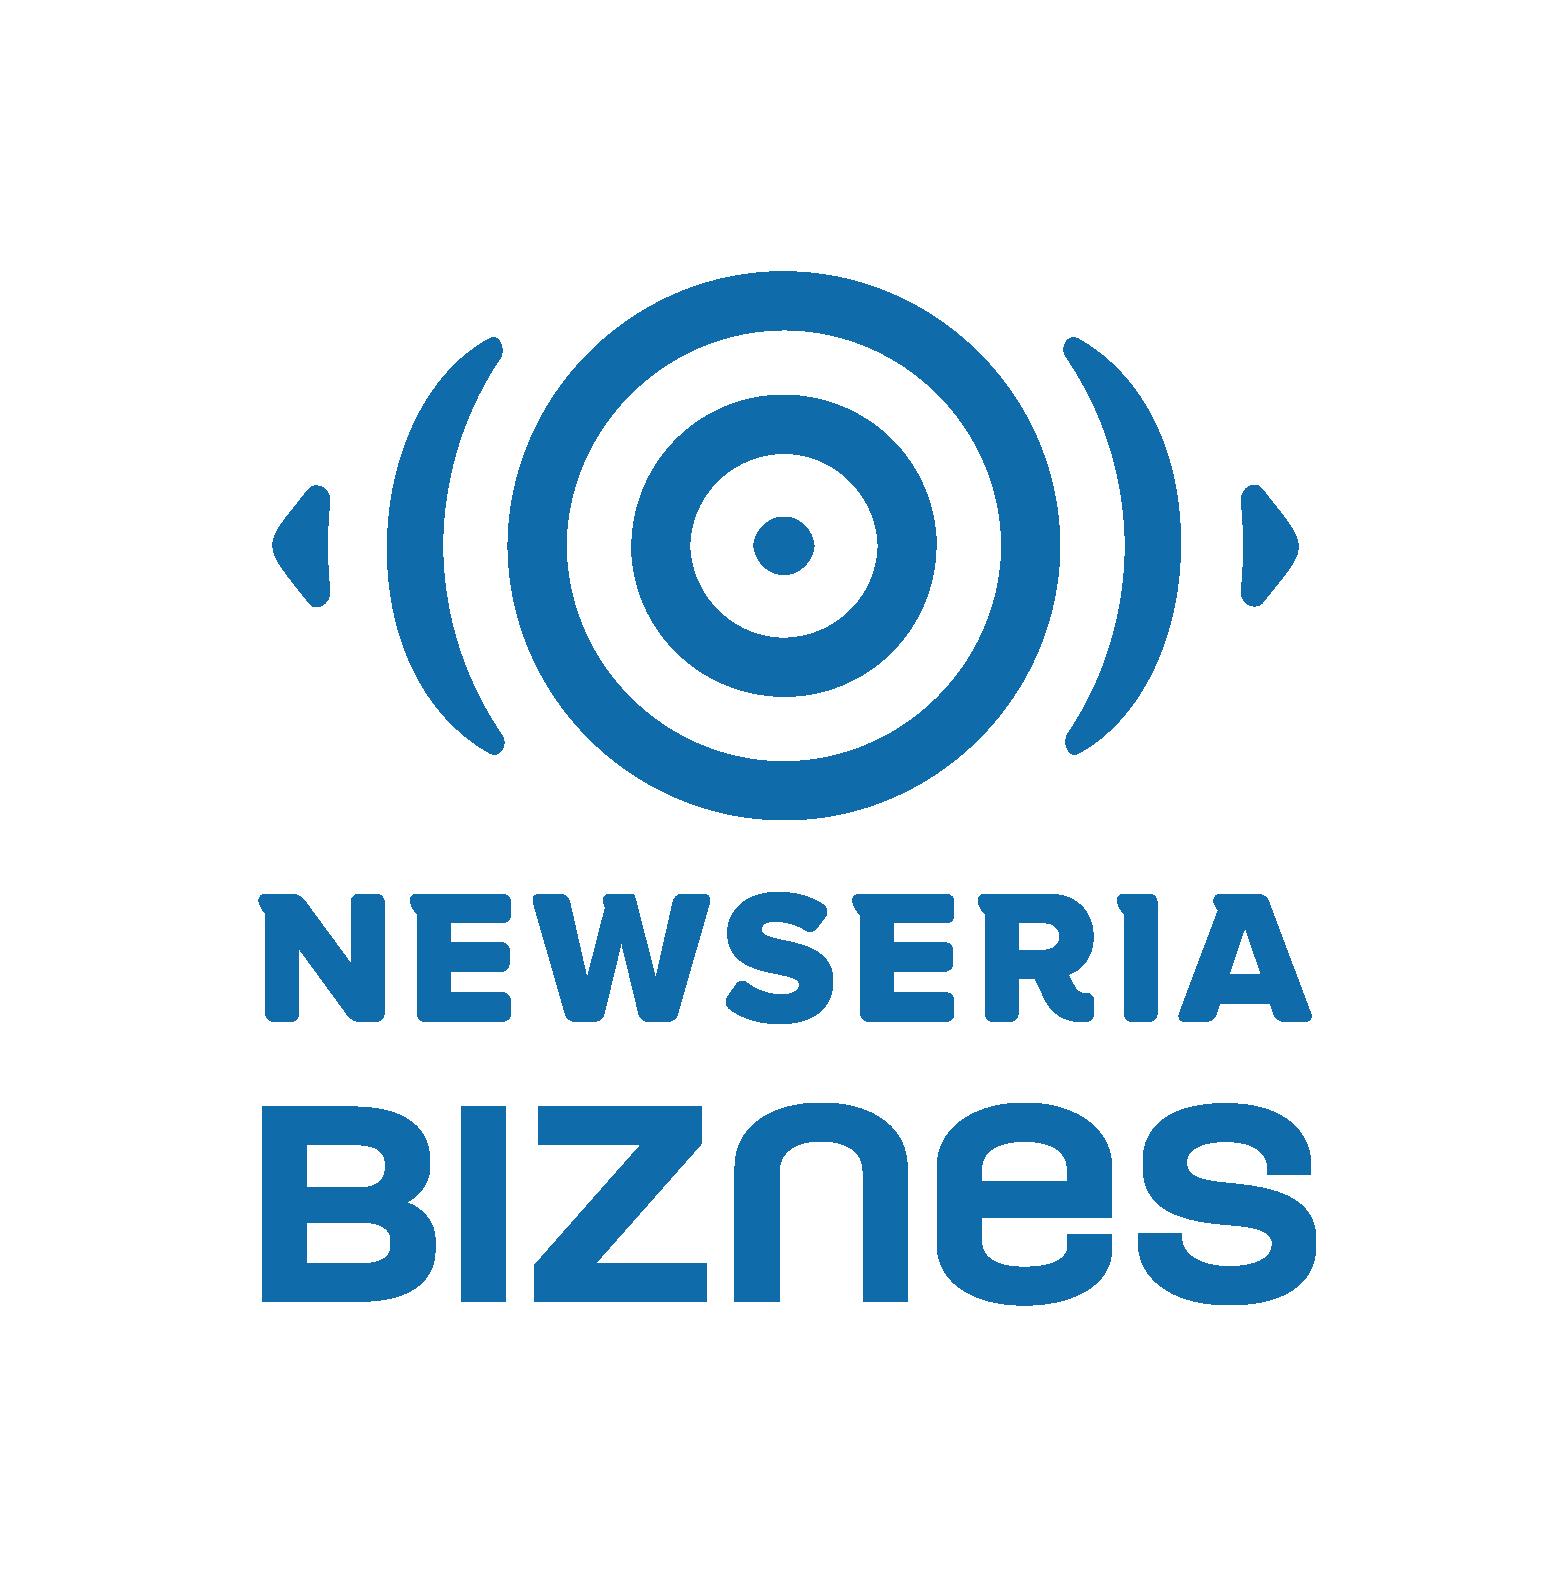 Biznes NEWSERIA